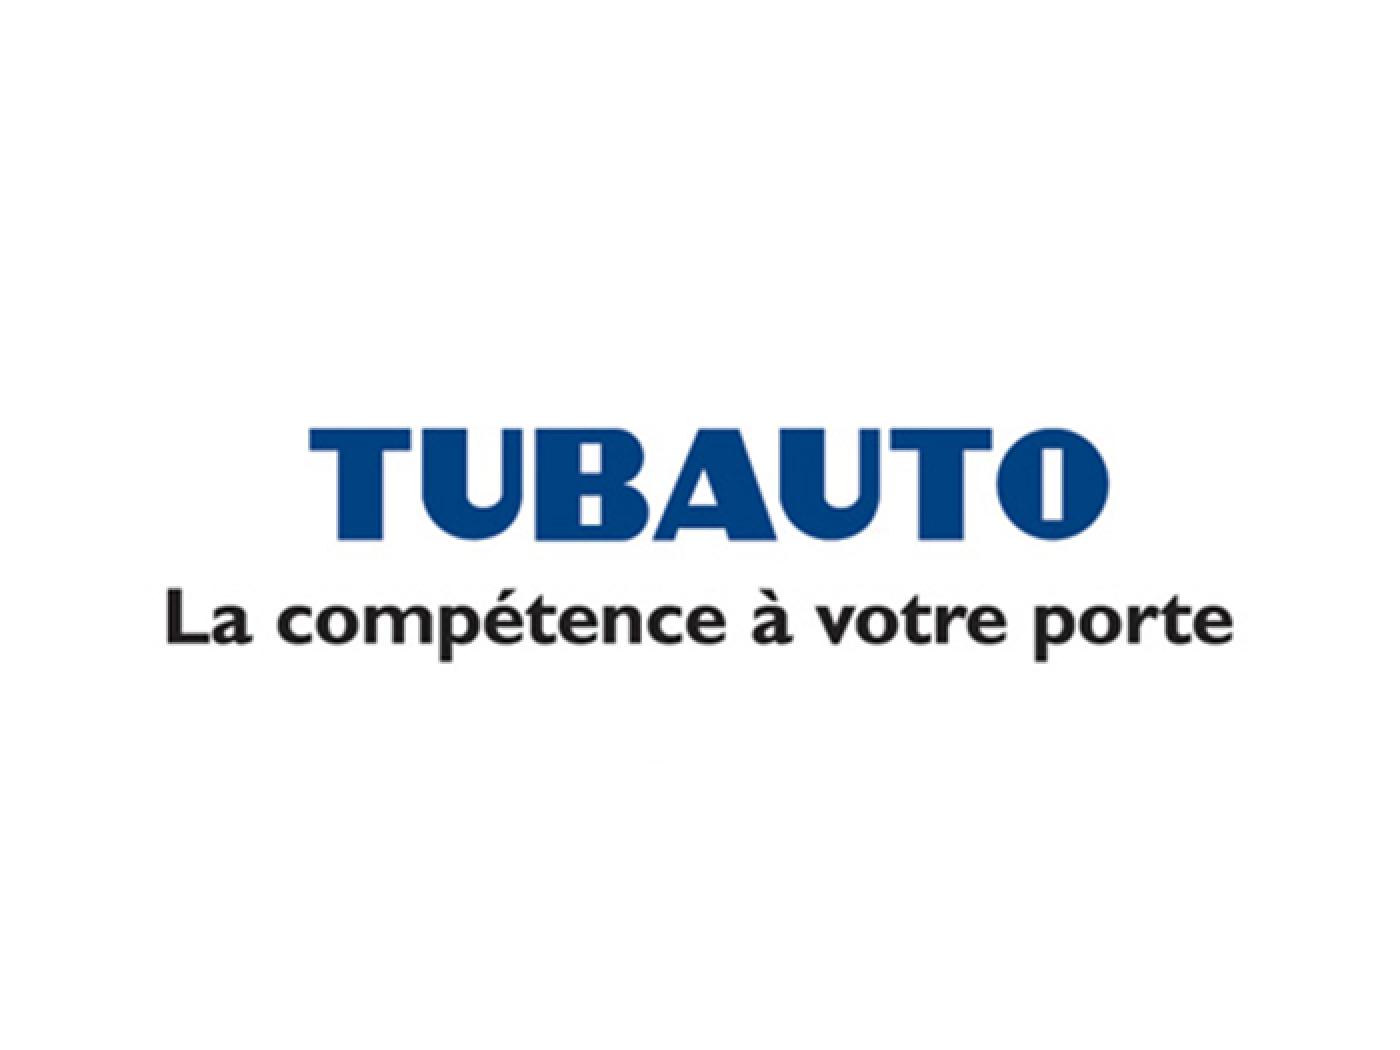 """Résultat de recherche d'images pour """"logo tubauto"""""""